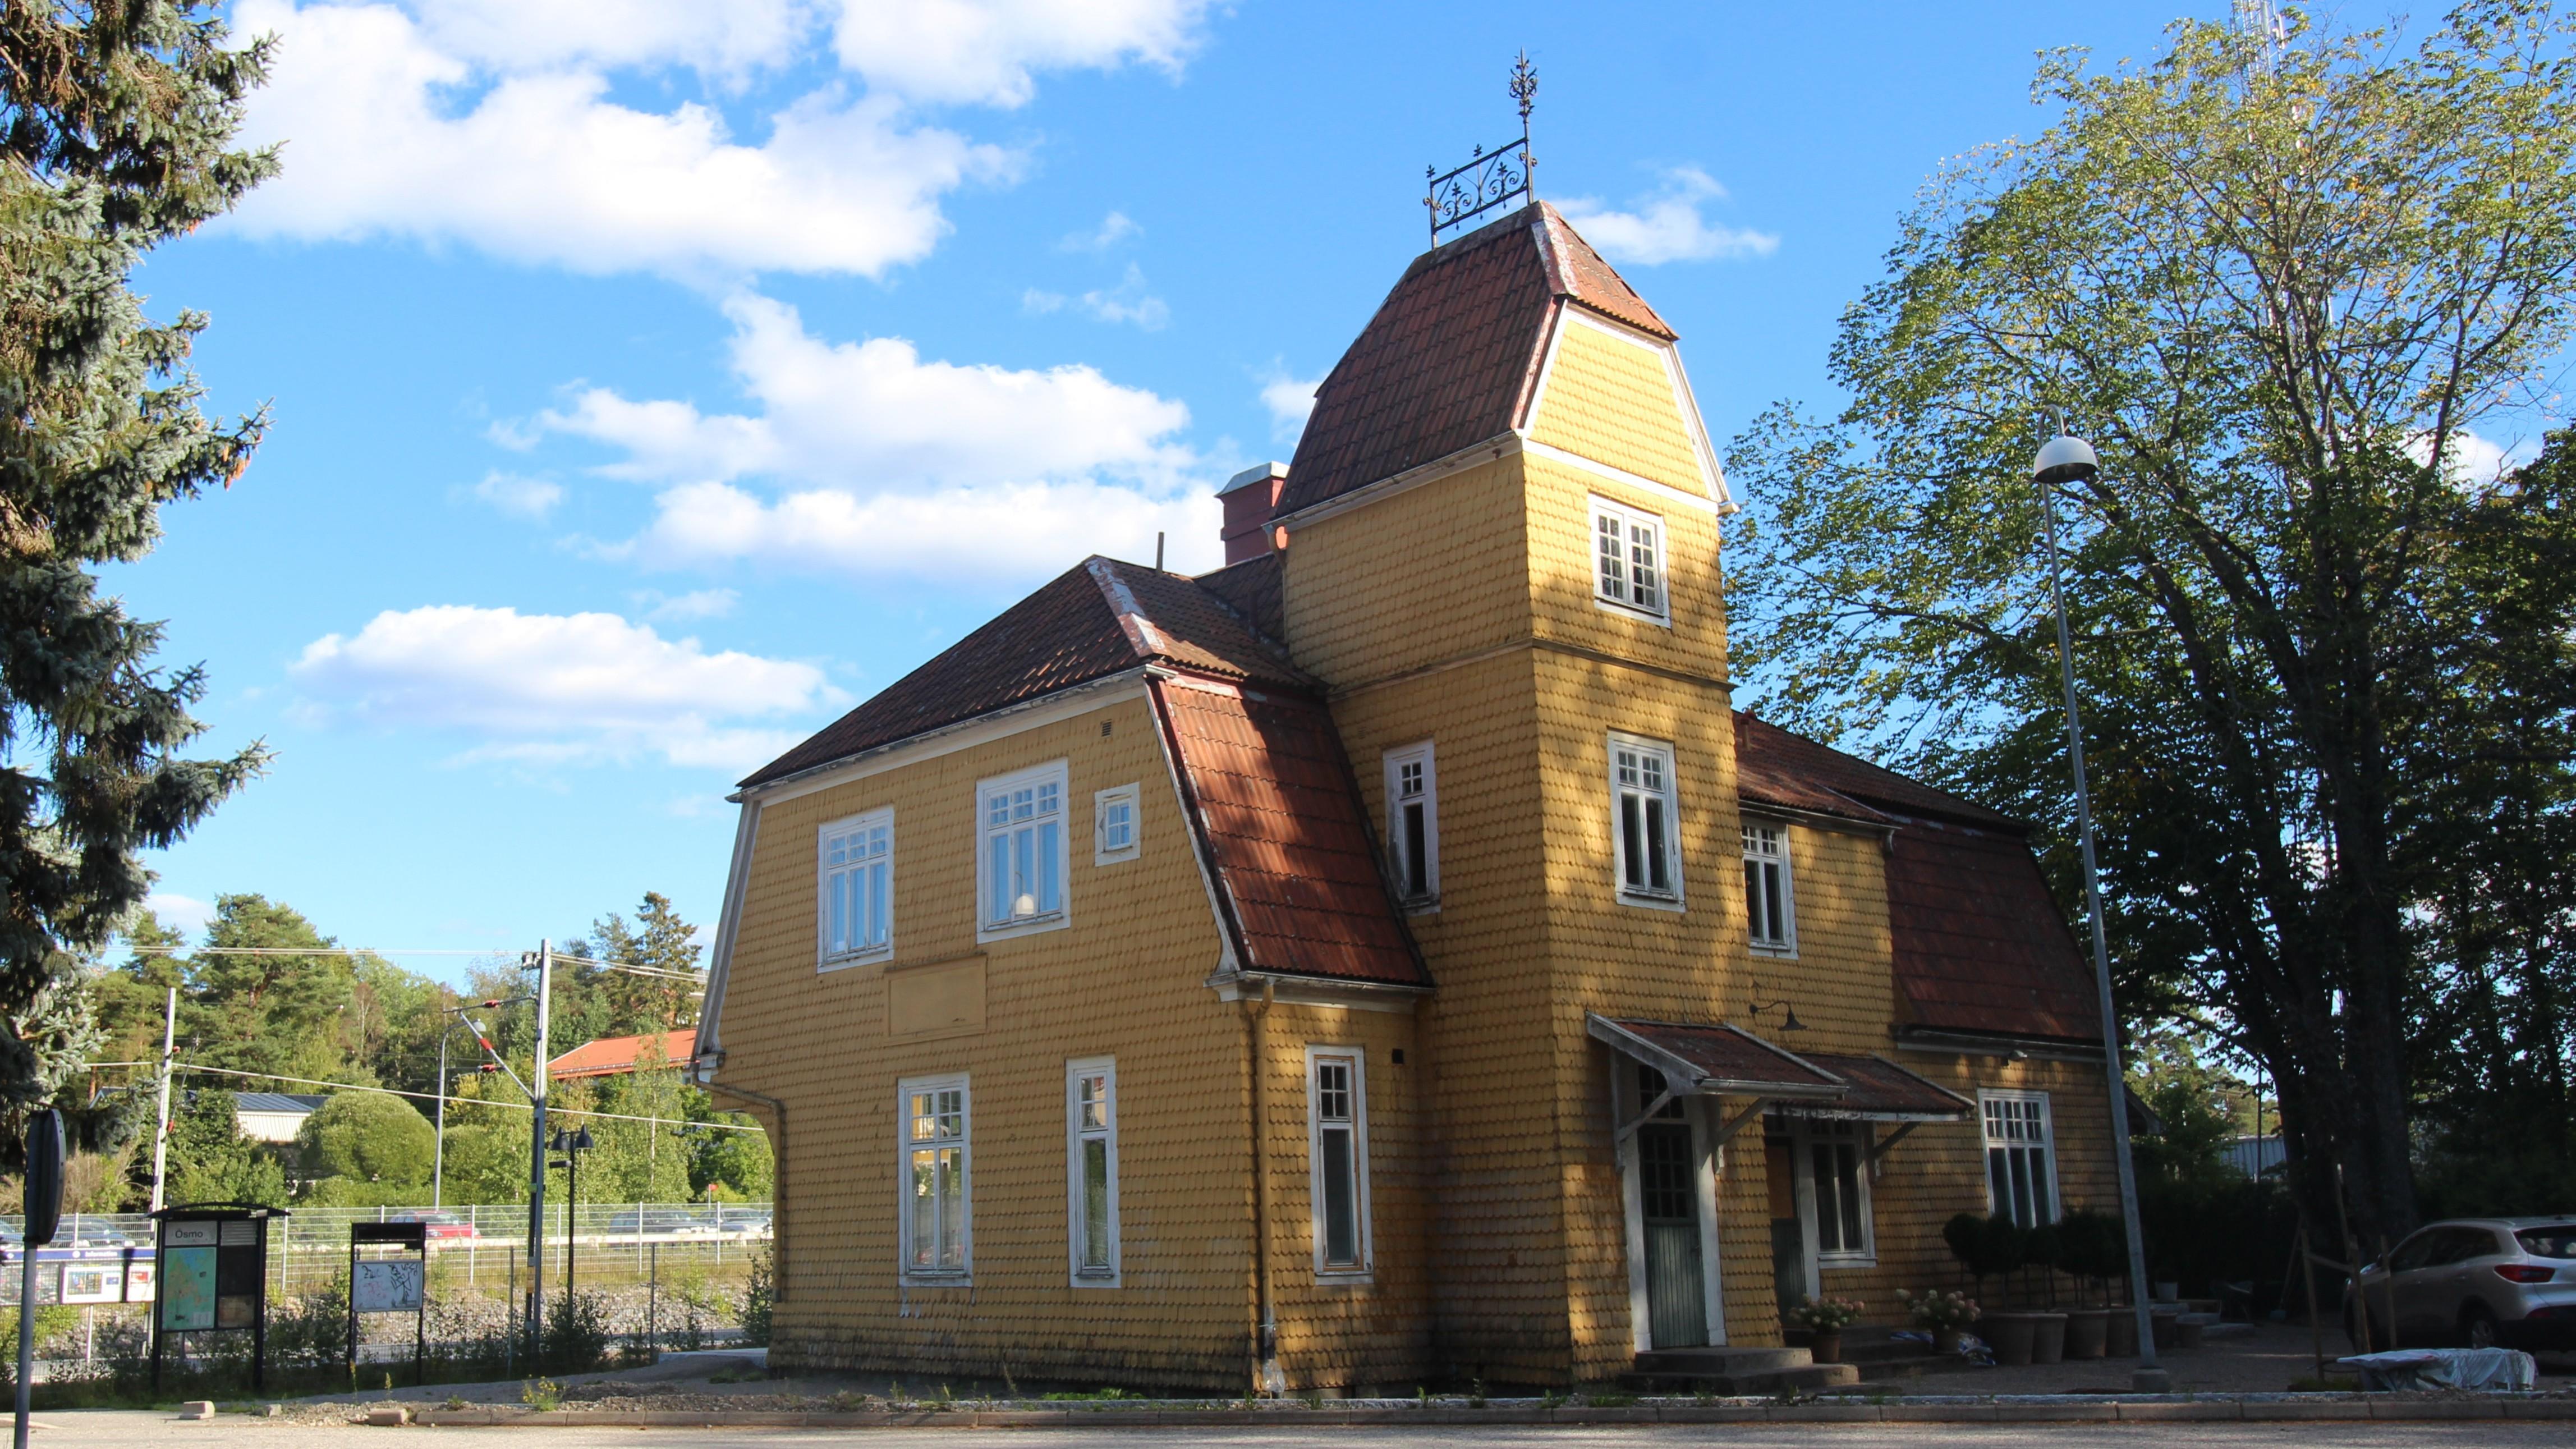 smo kyrka - Europeana